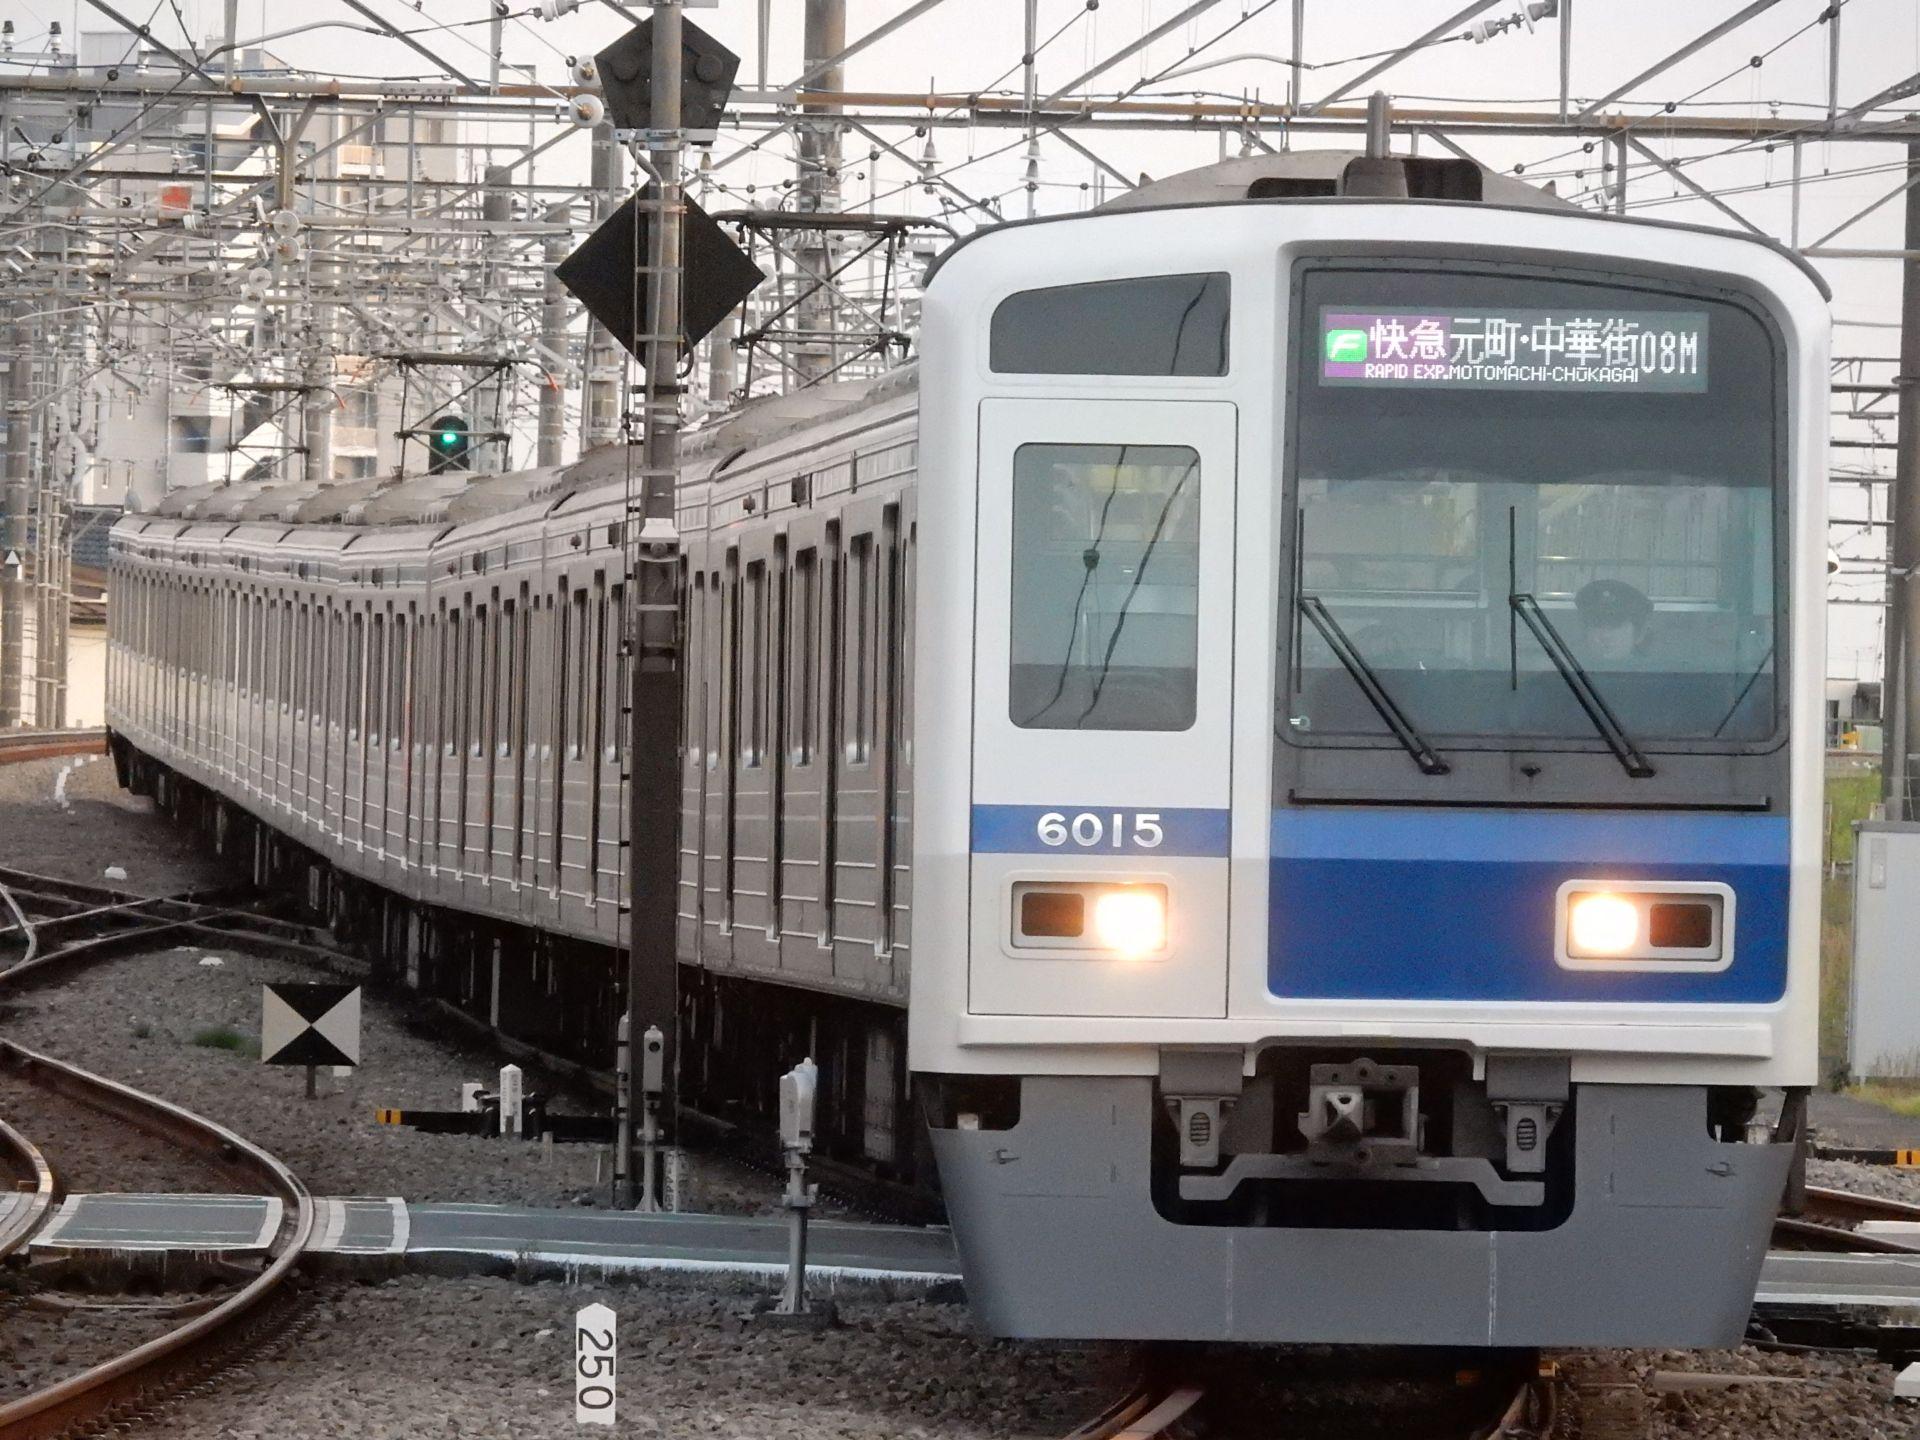 DSCN9369 - コピー